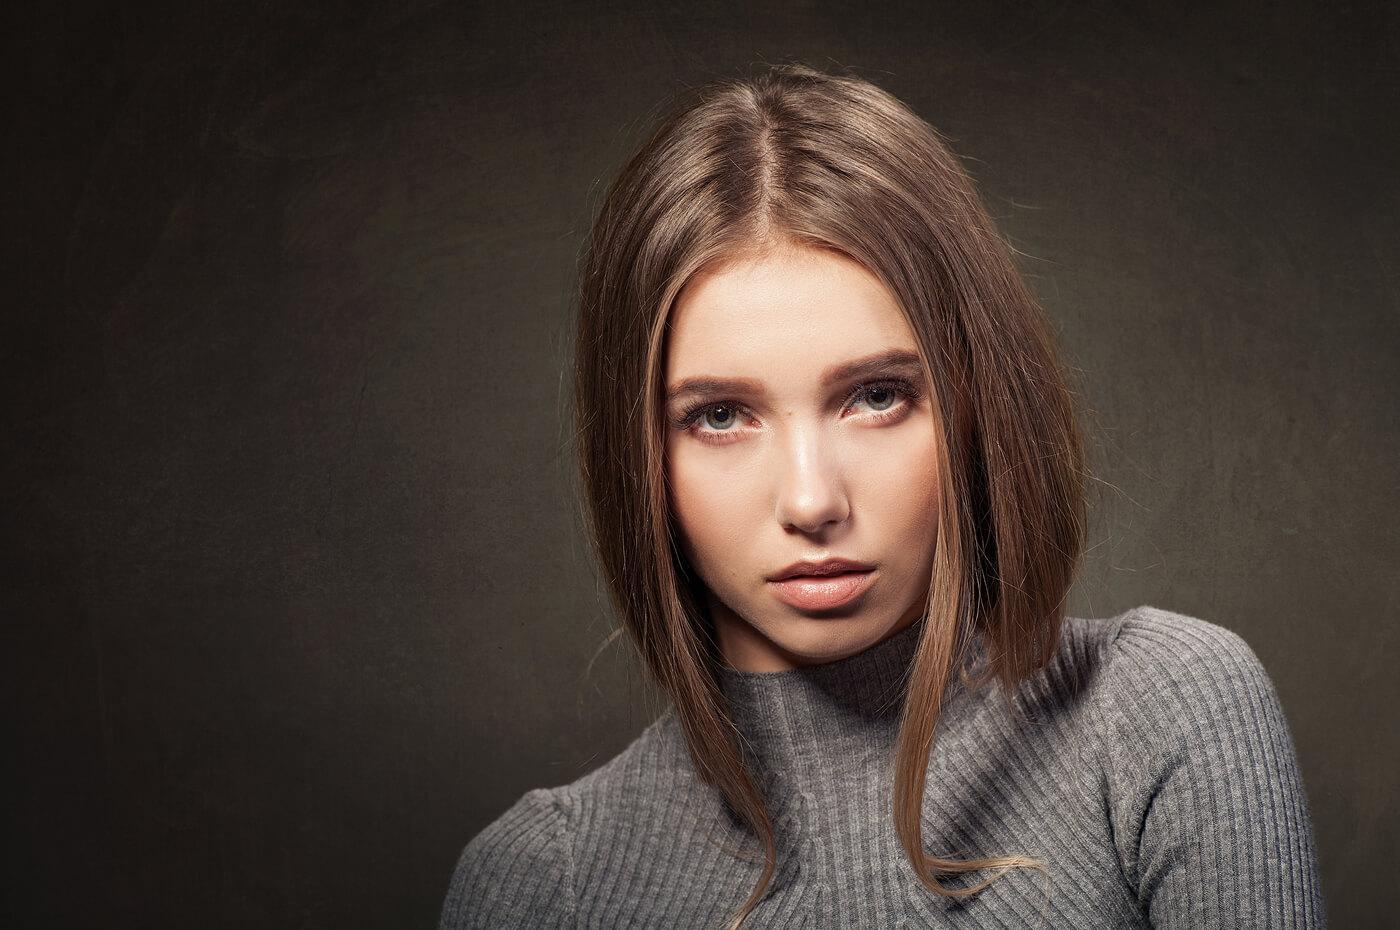 Фотограф Киев, портрет Киев